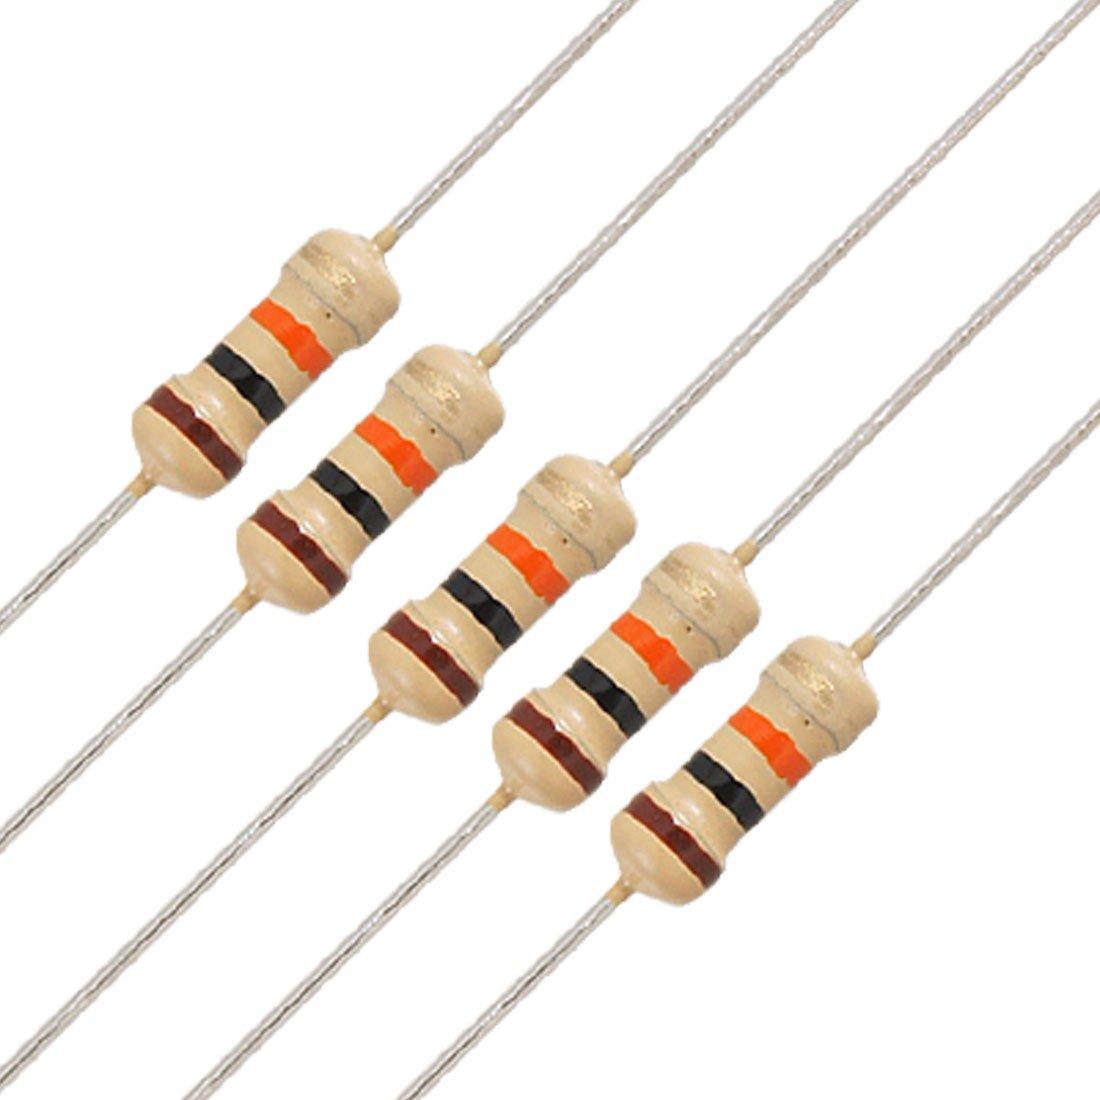 100PCS Film Resistors Resistance 10K Ohms OHM 1//4W 5/% Carbon Film Assortment